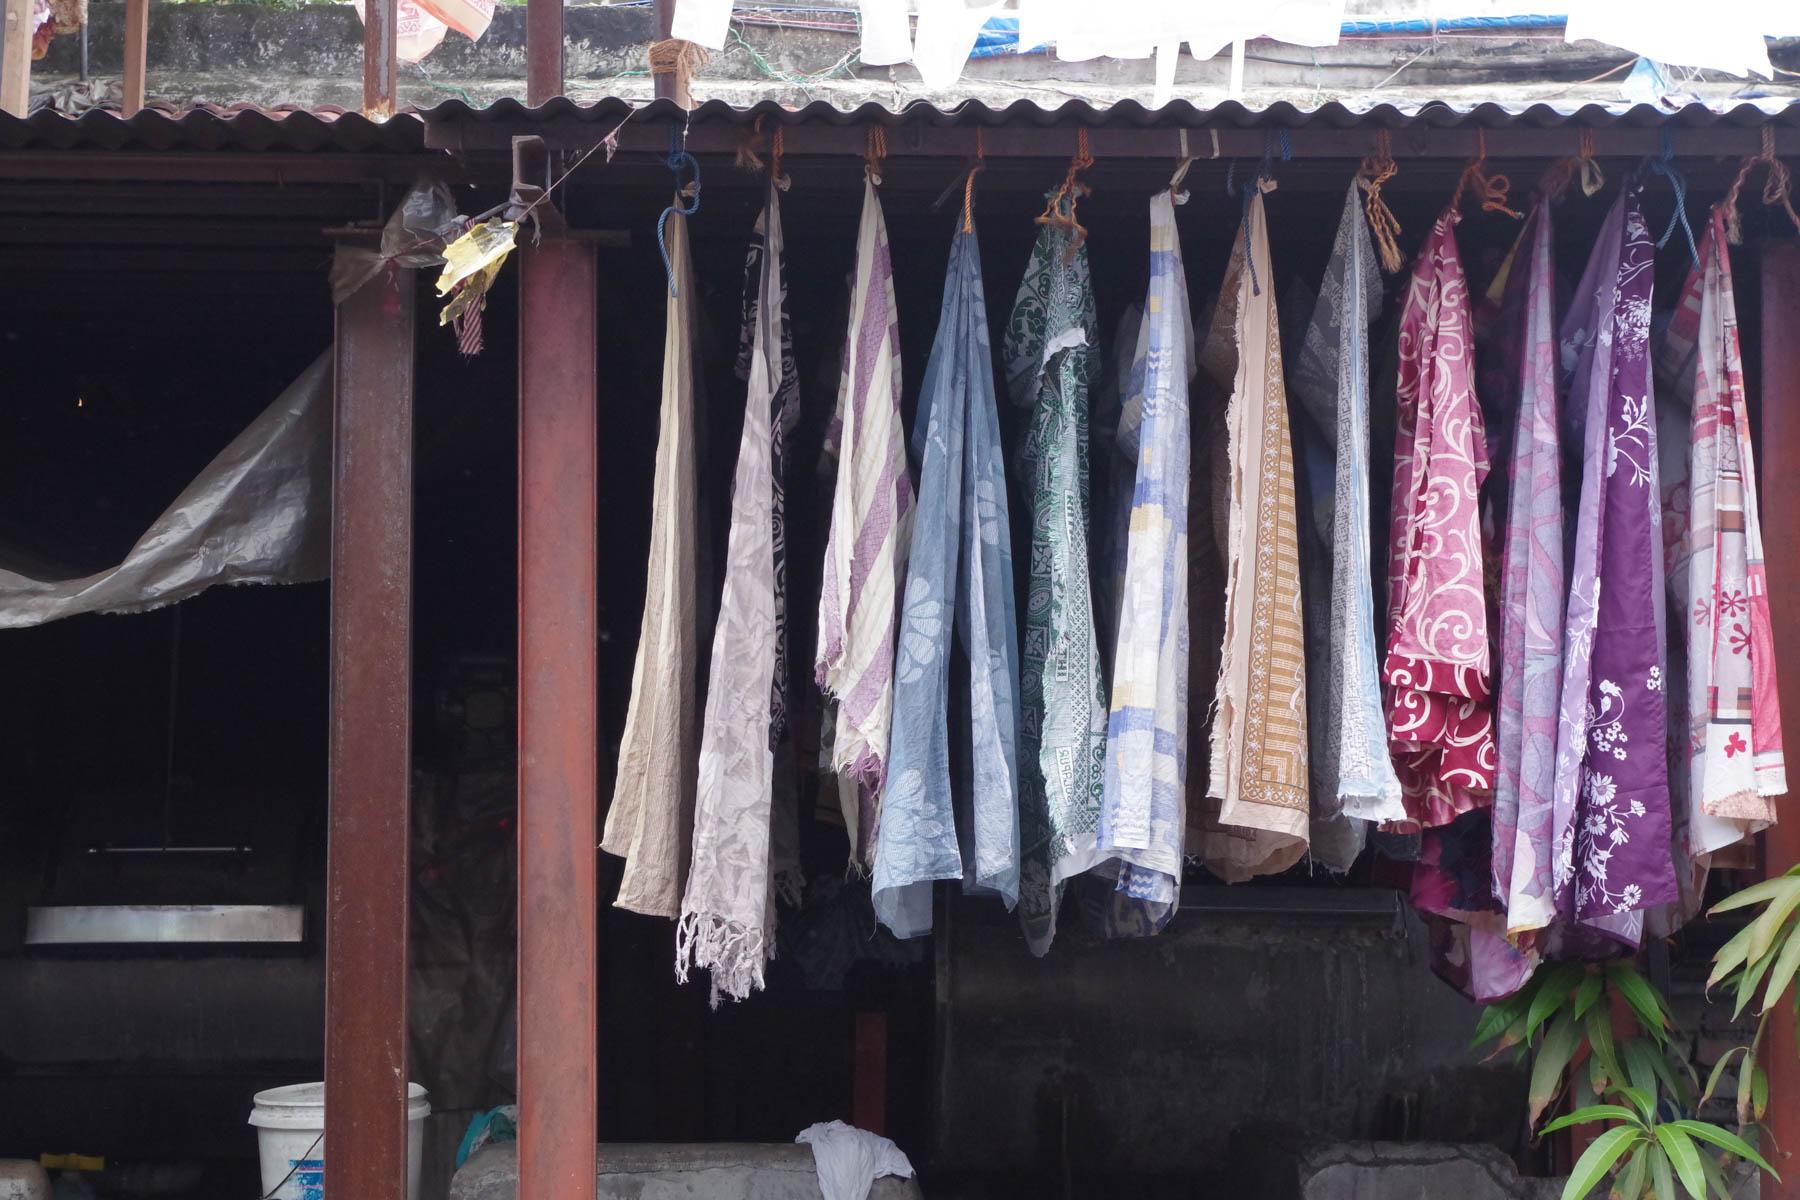 ムンバイ 巨大洗濯工場 ドービーガート 洗濯物